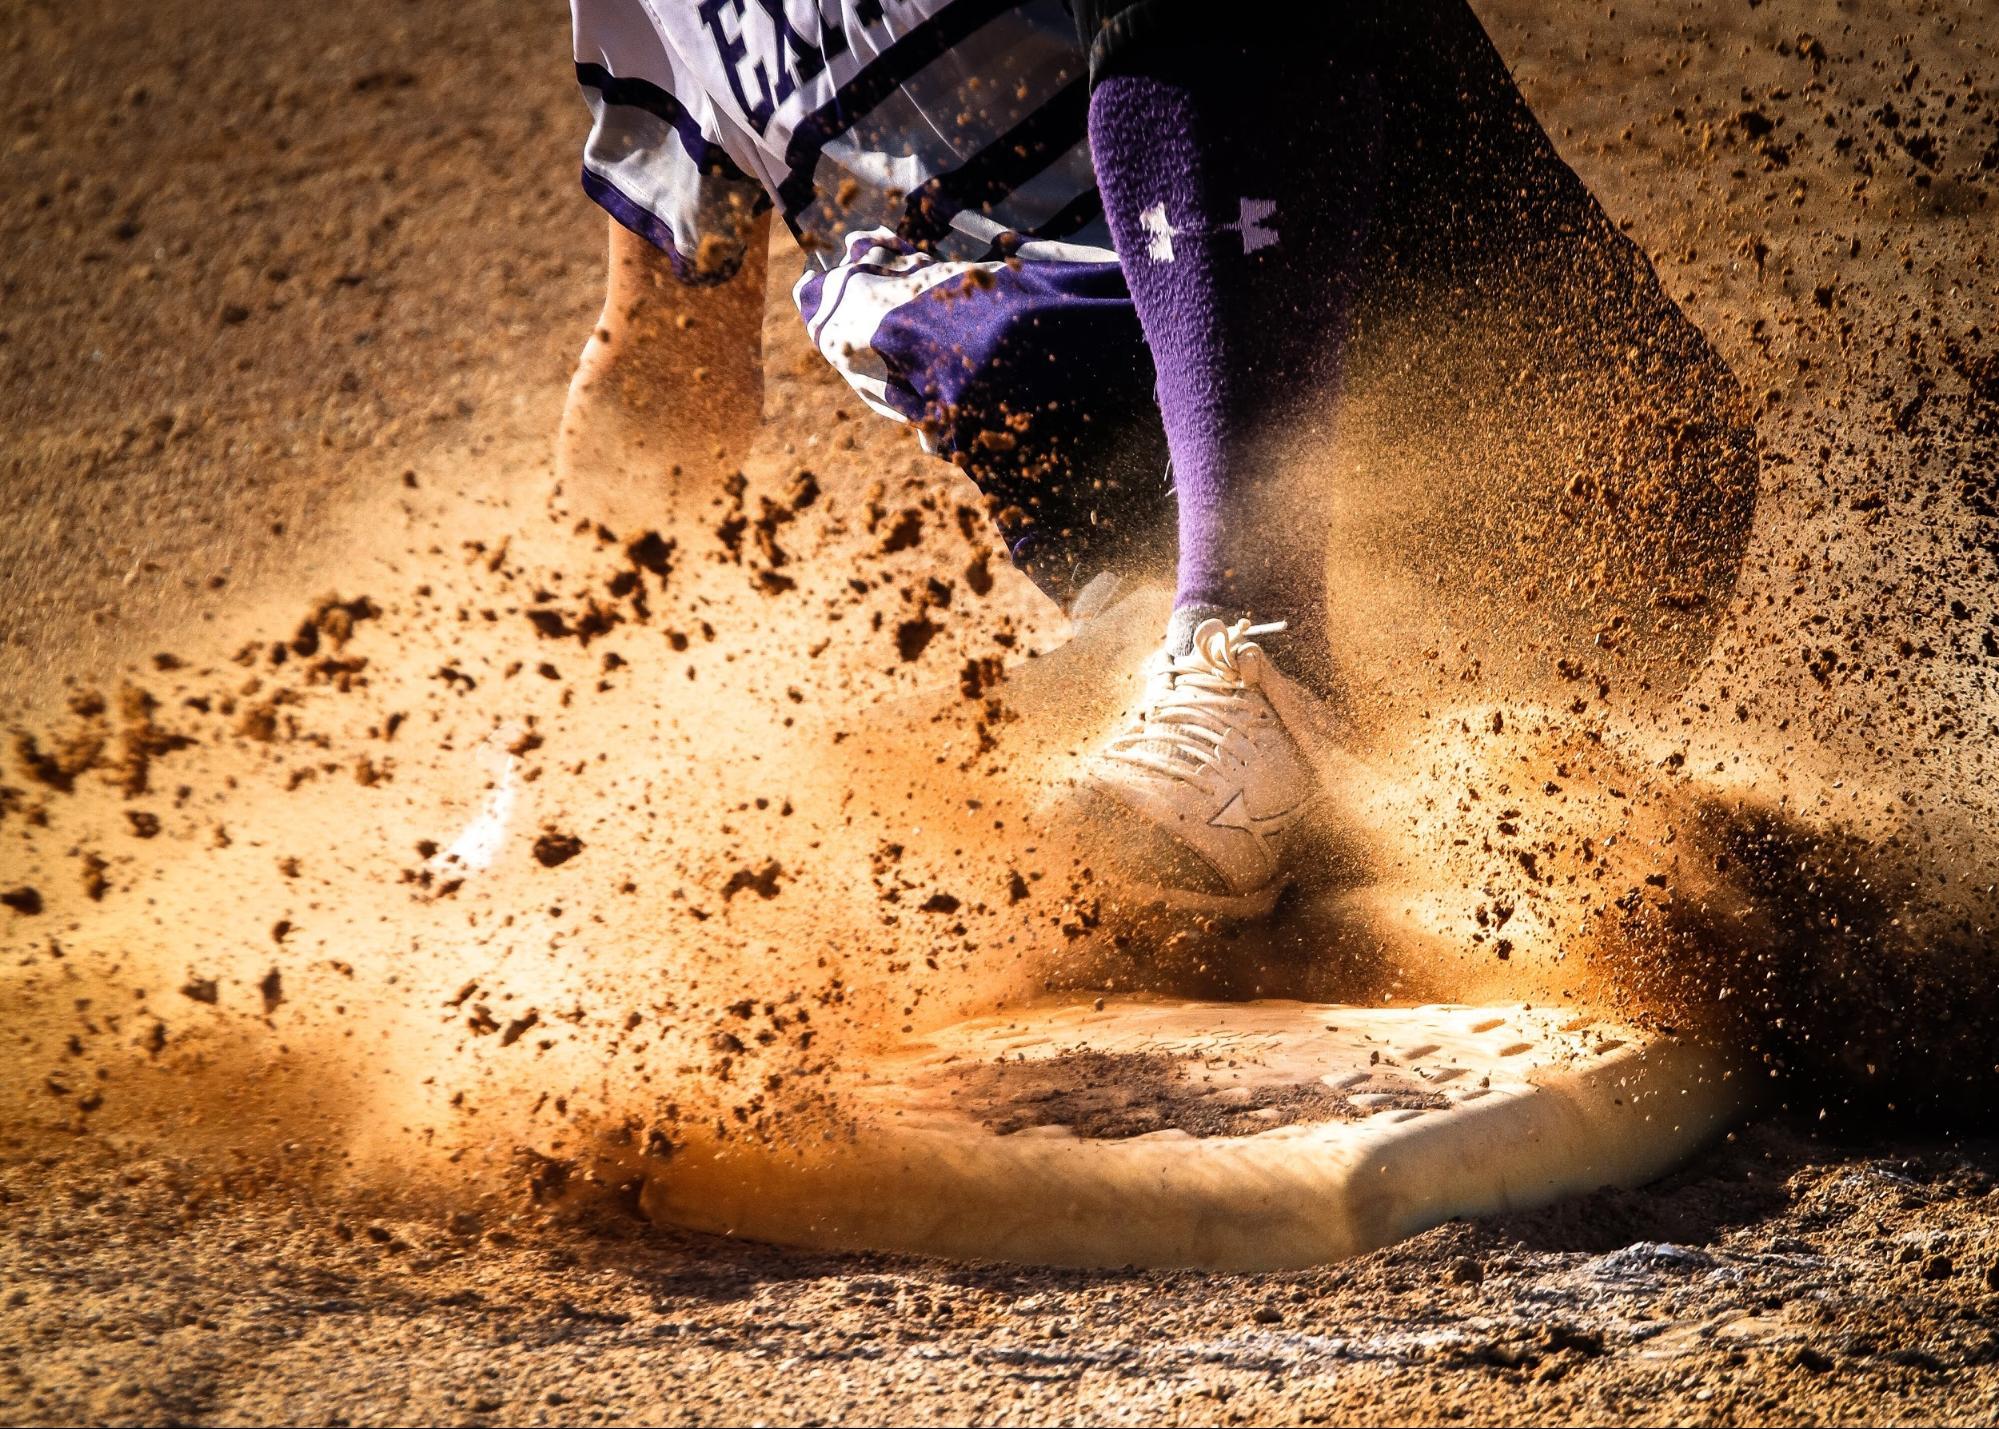 野球スパイクを長持ちさせたい!お手入れ方法を詳しく紹介